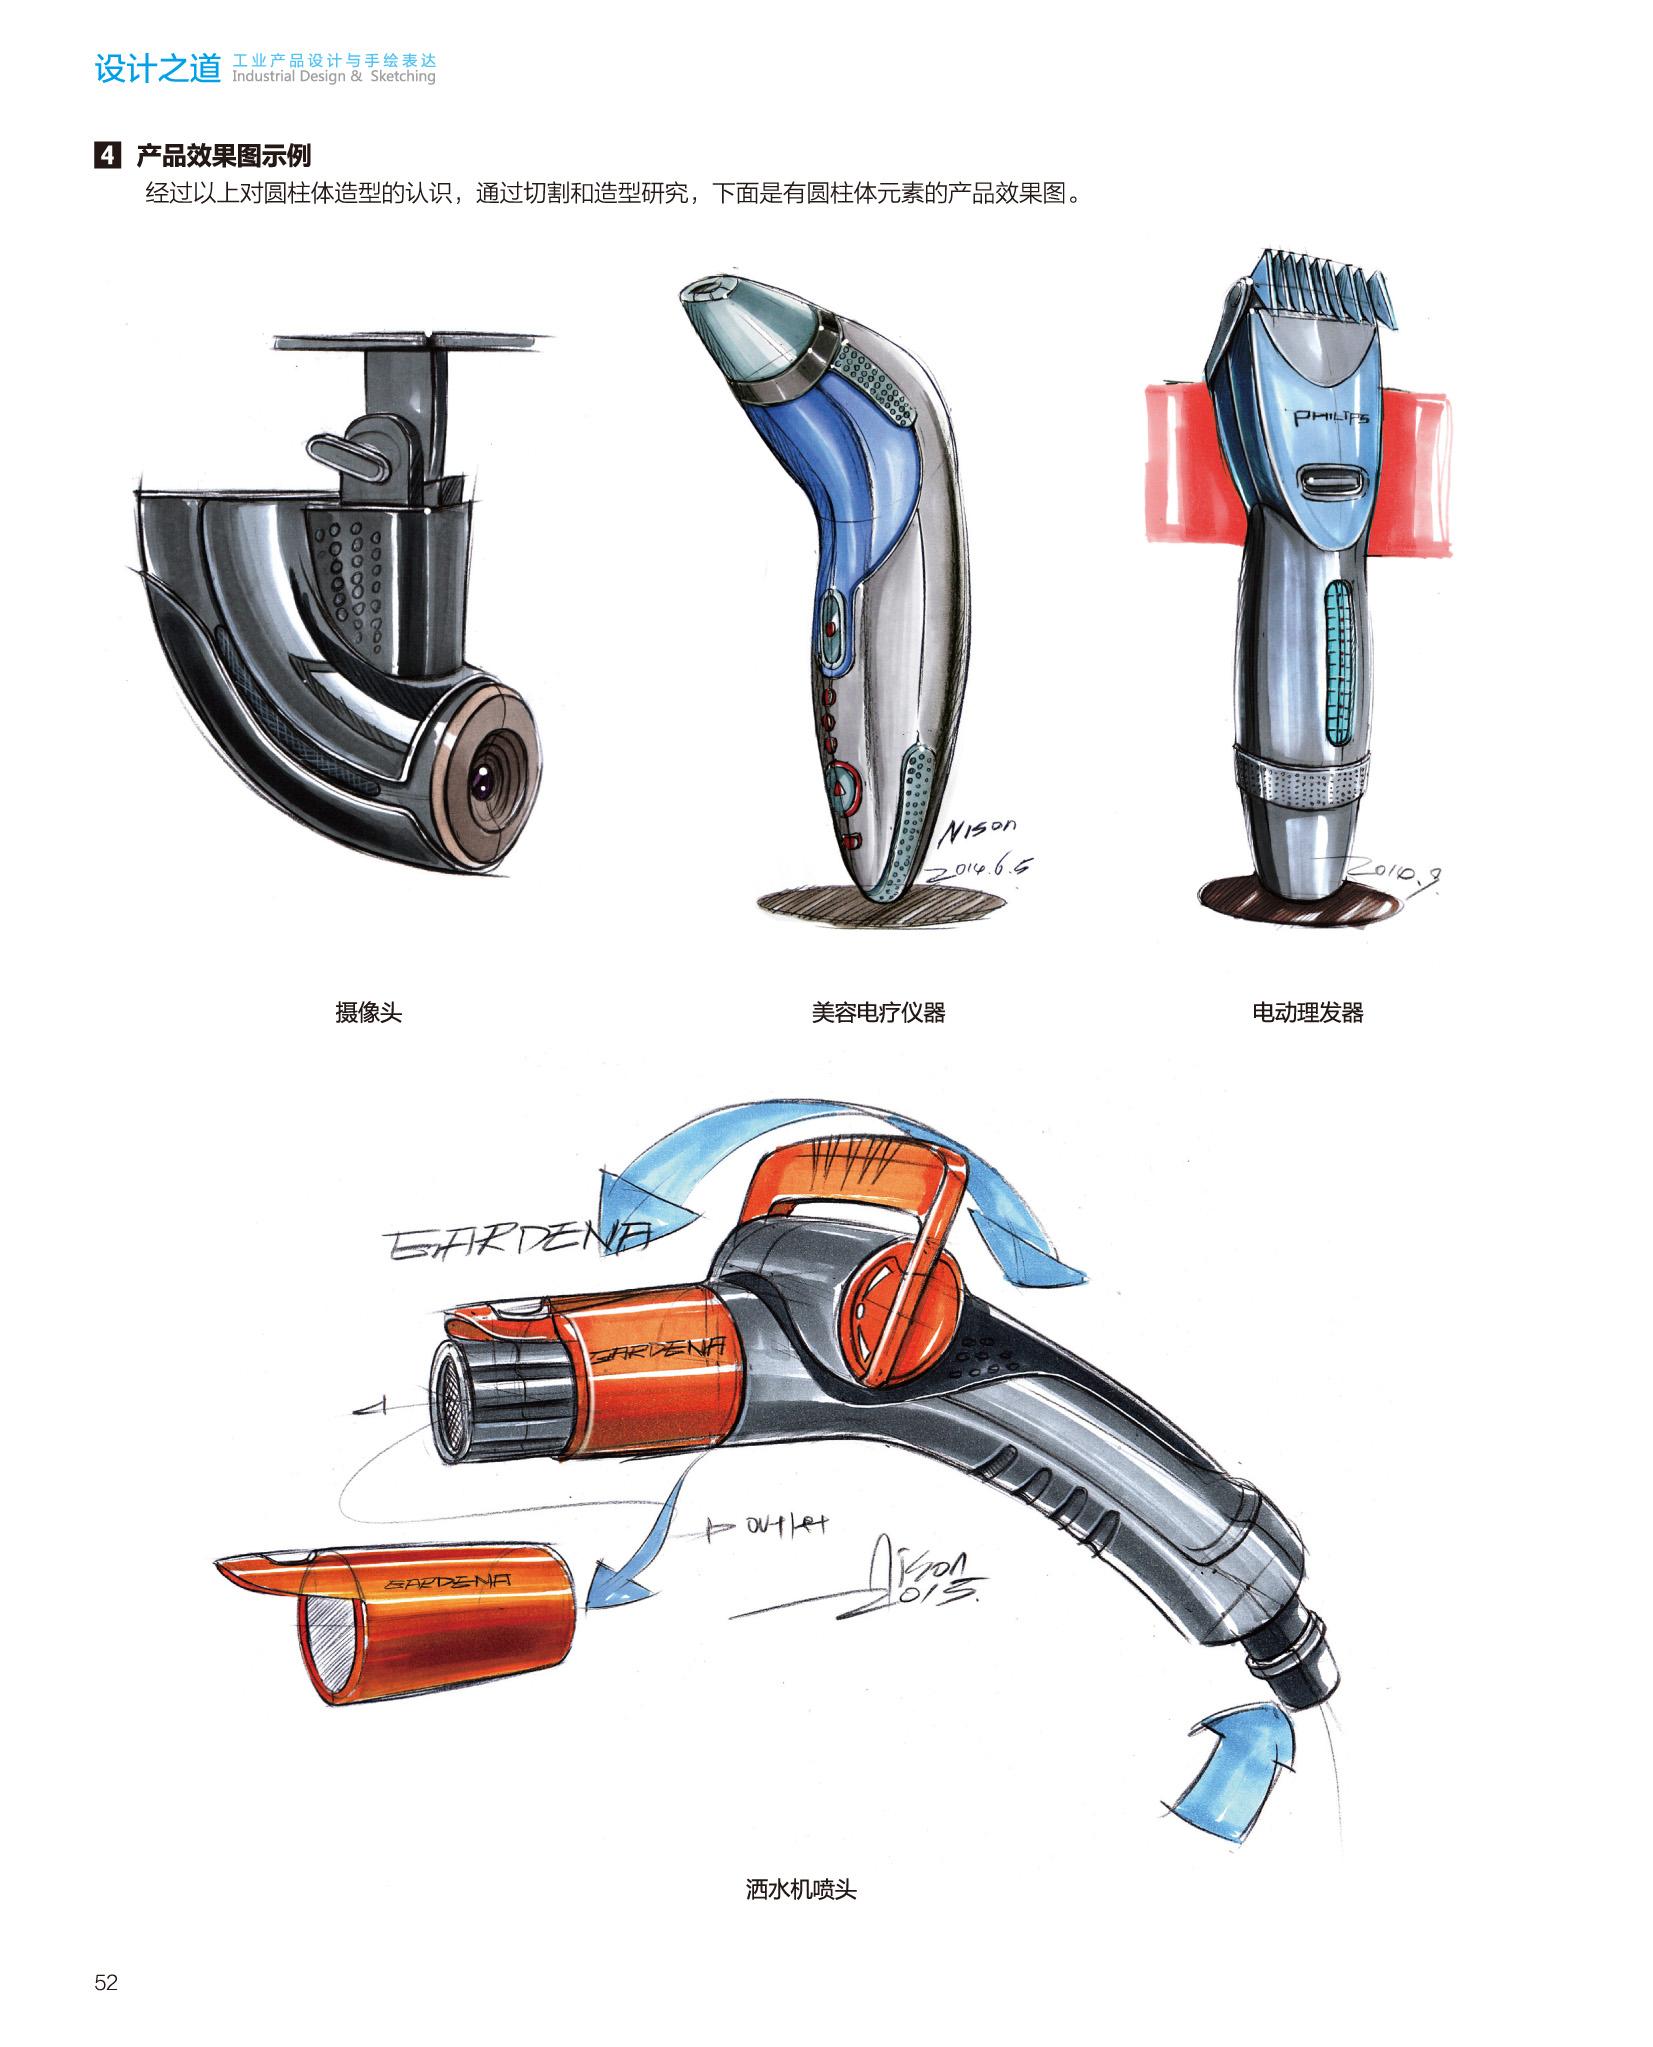 《设计之道 工业产品设计与手绘表达》图书内容分享(原创文章)